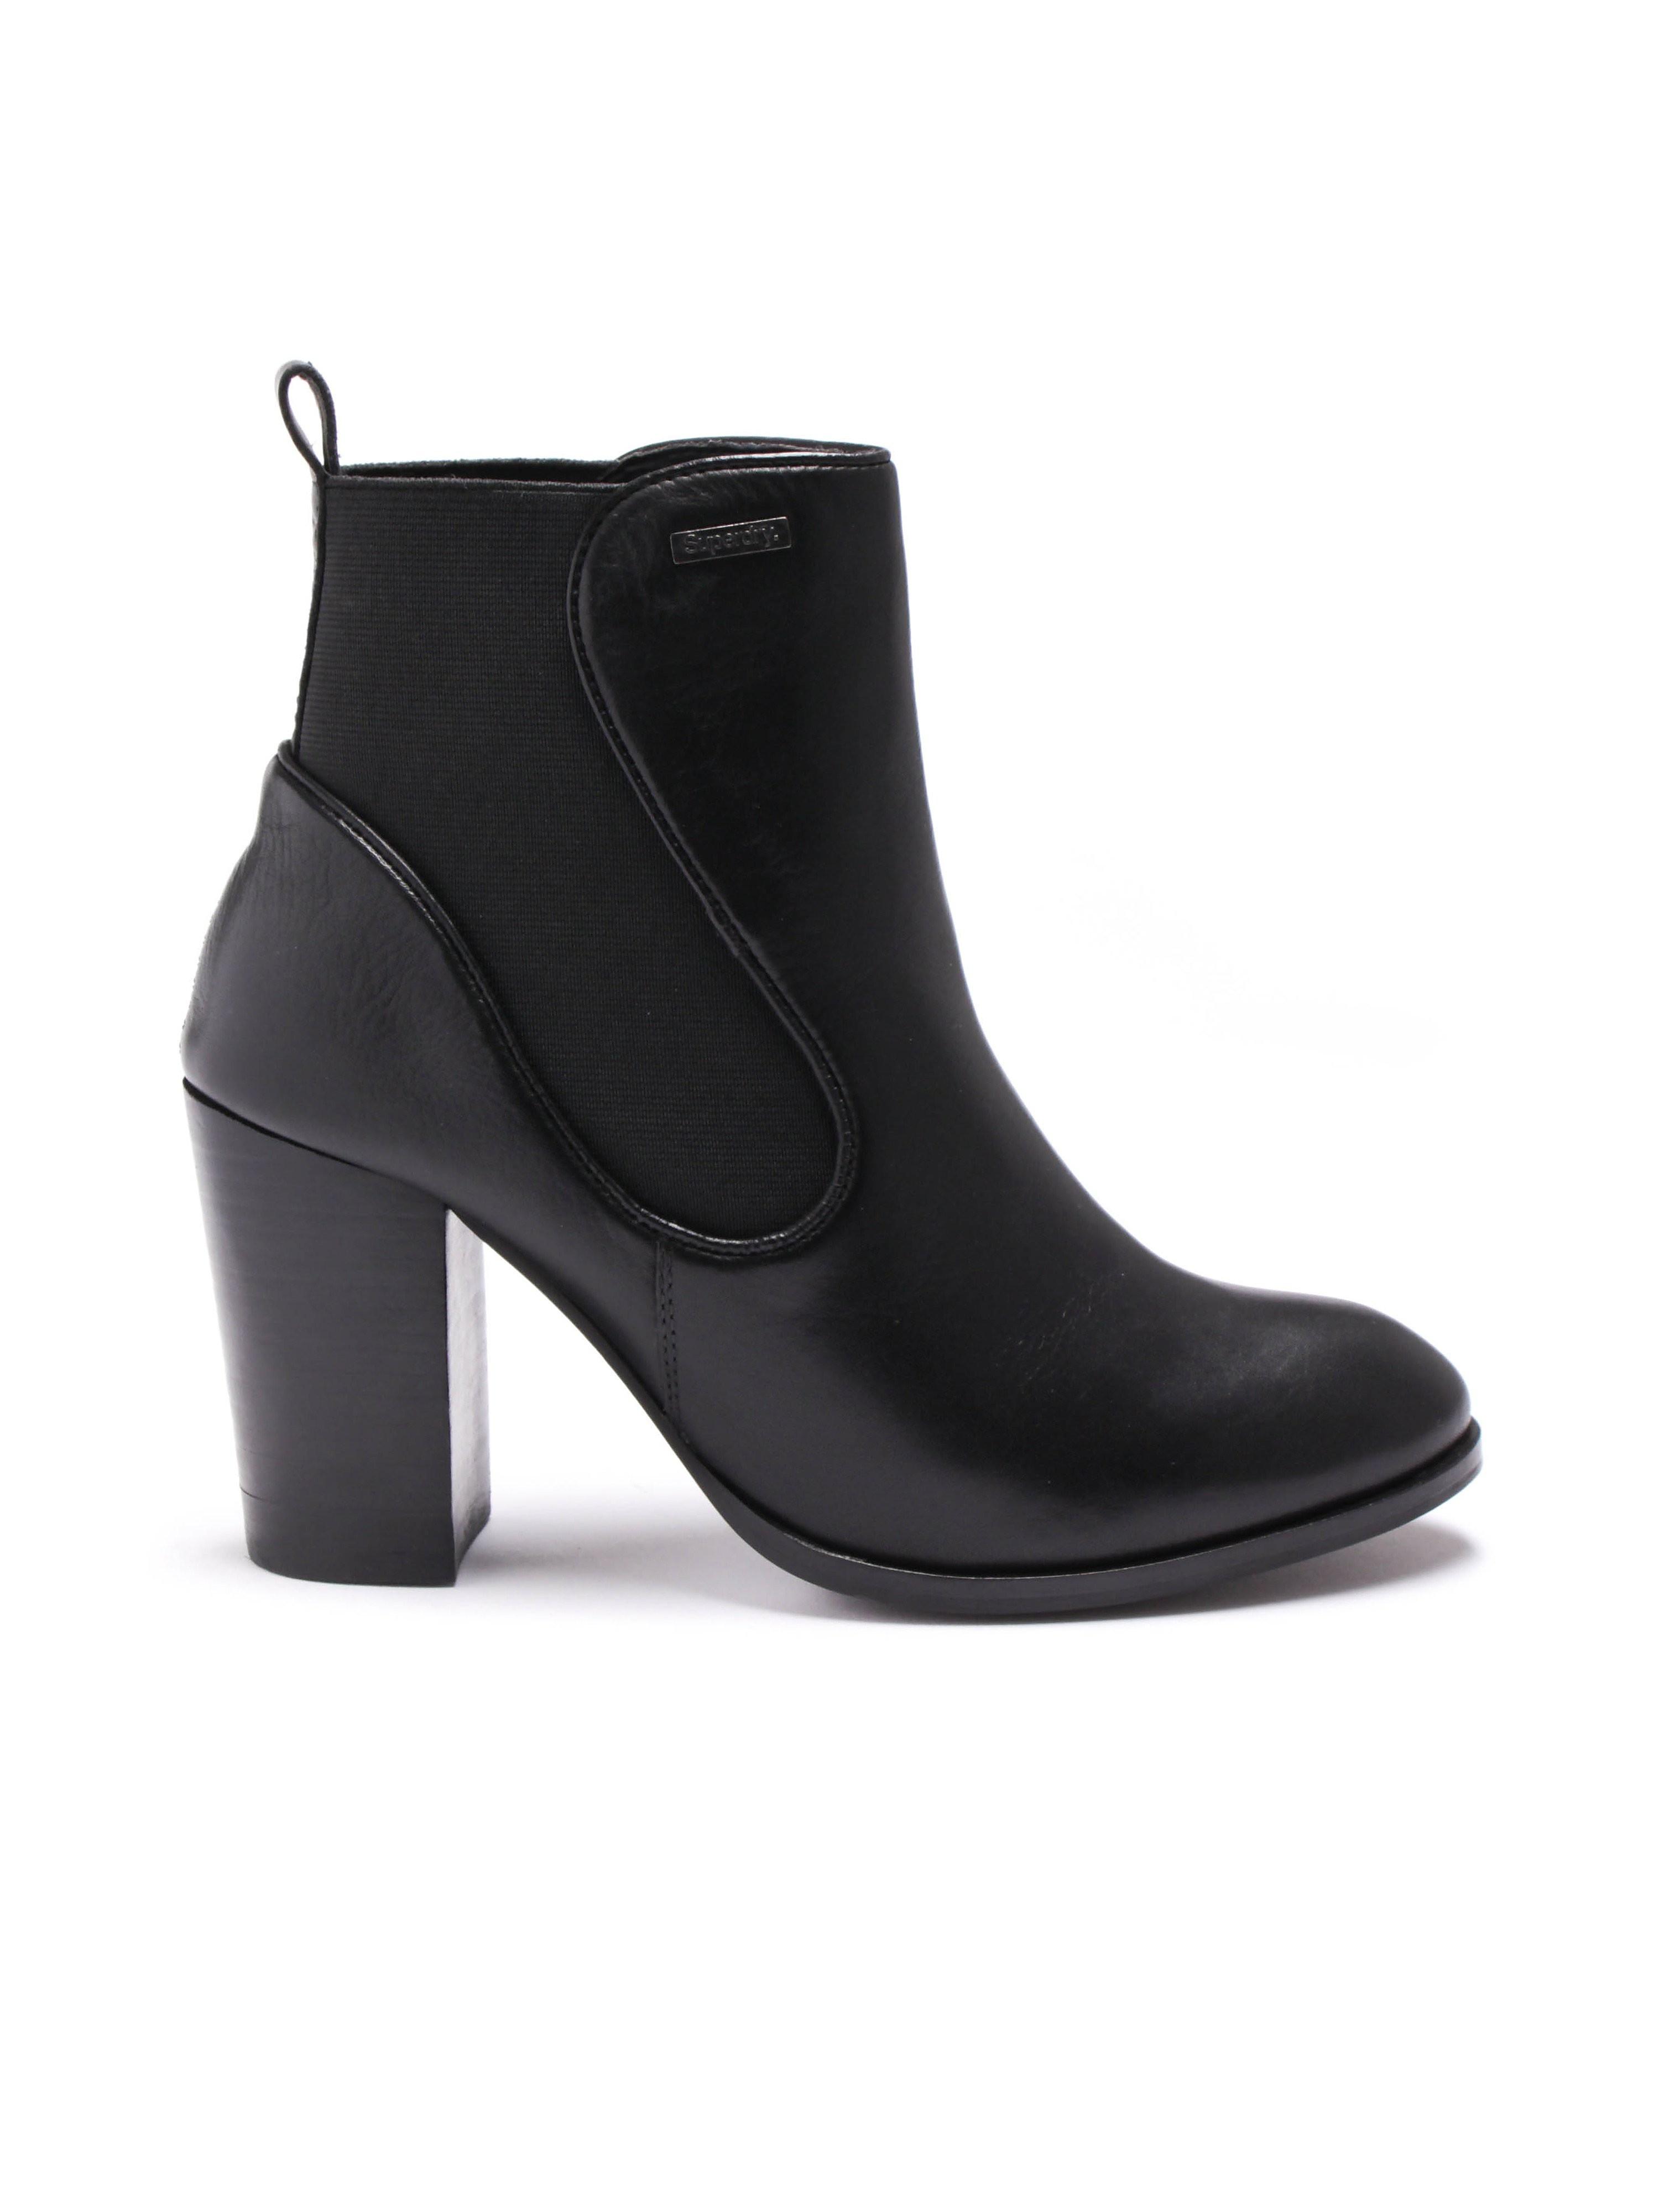 Superdry Fleur Heel Chelsea Boot - Black